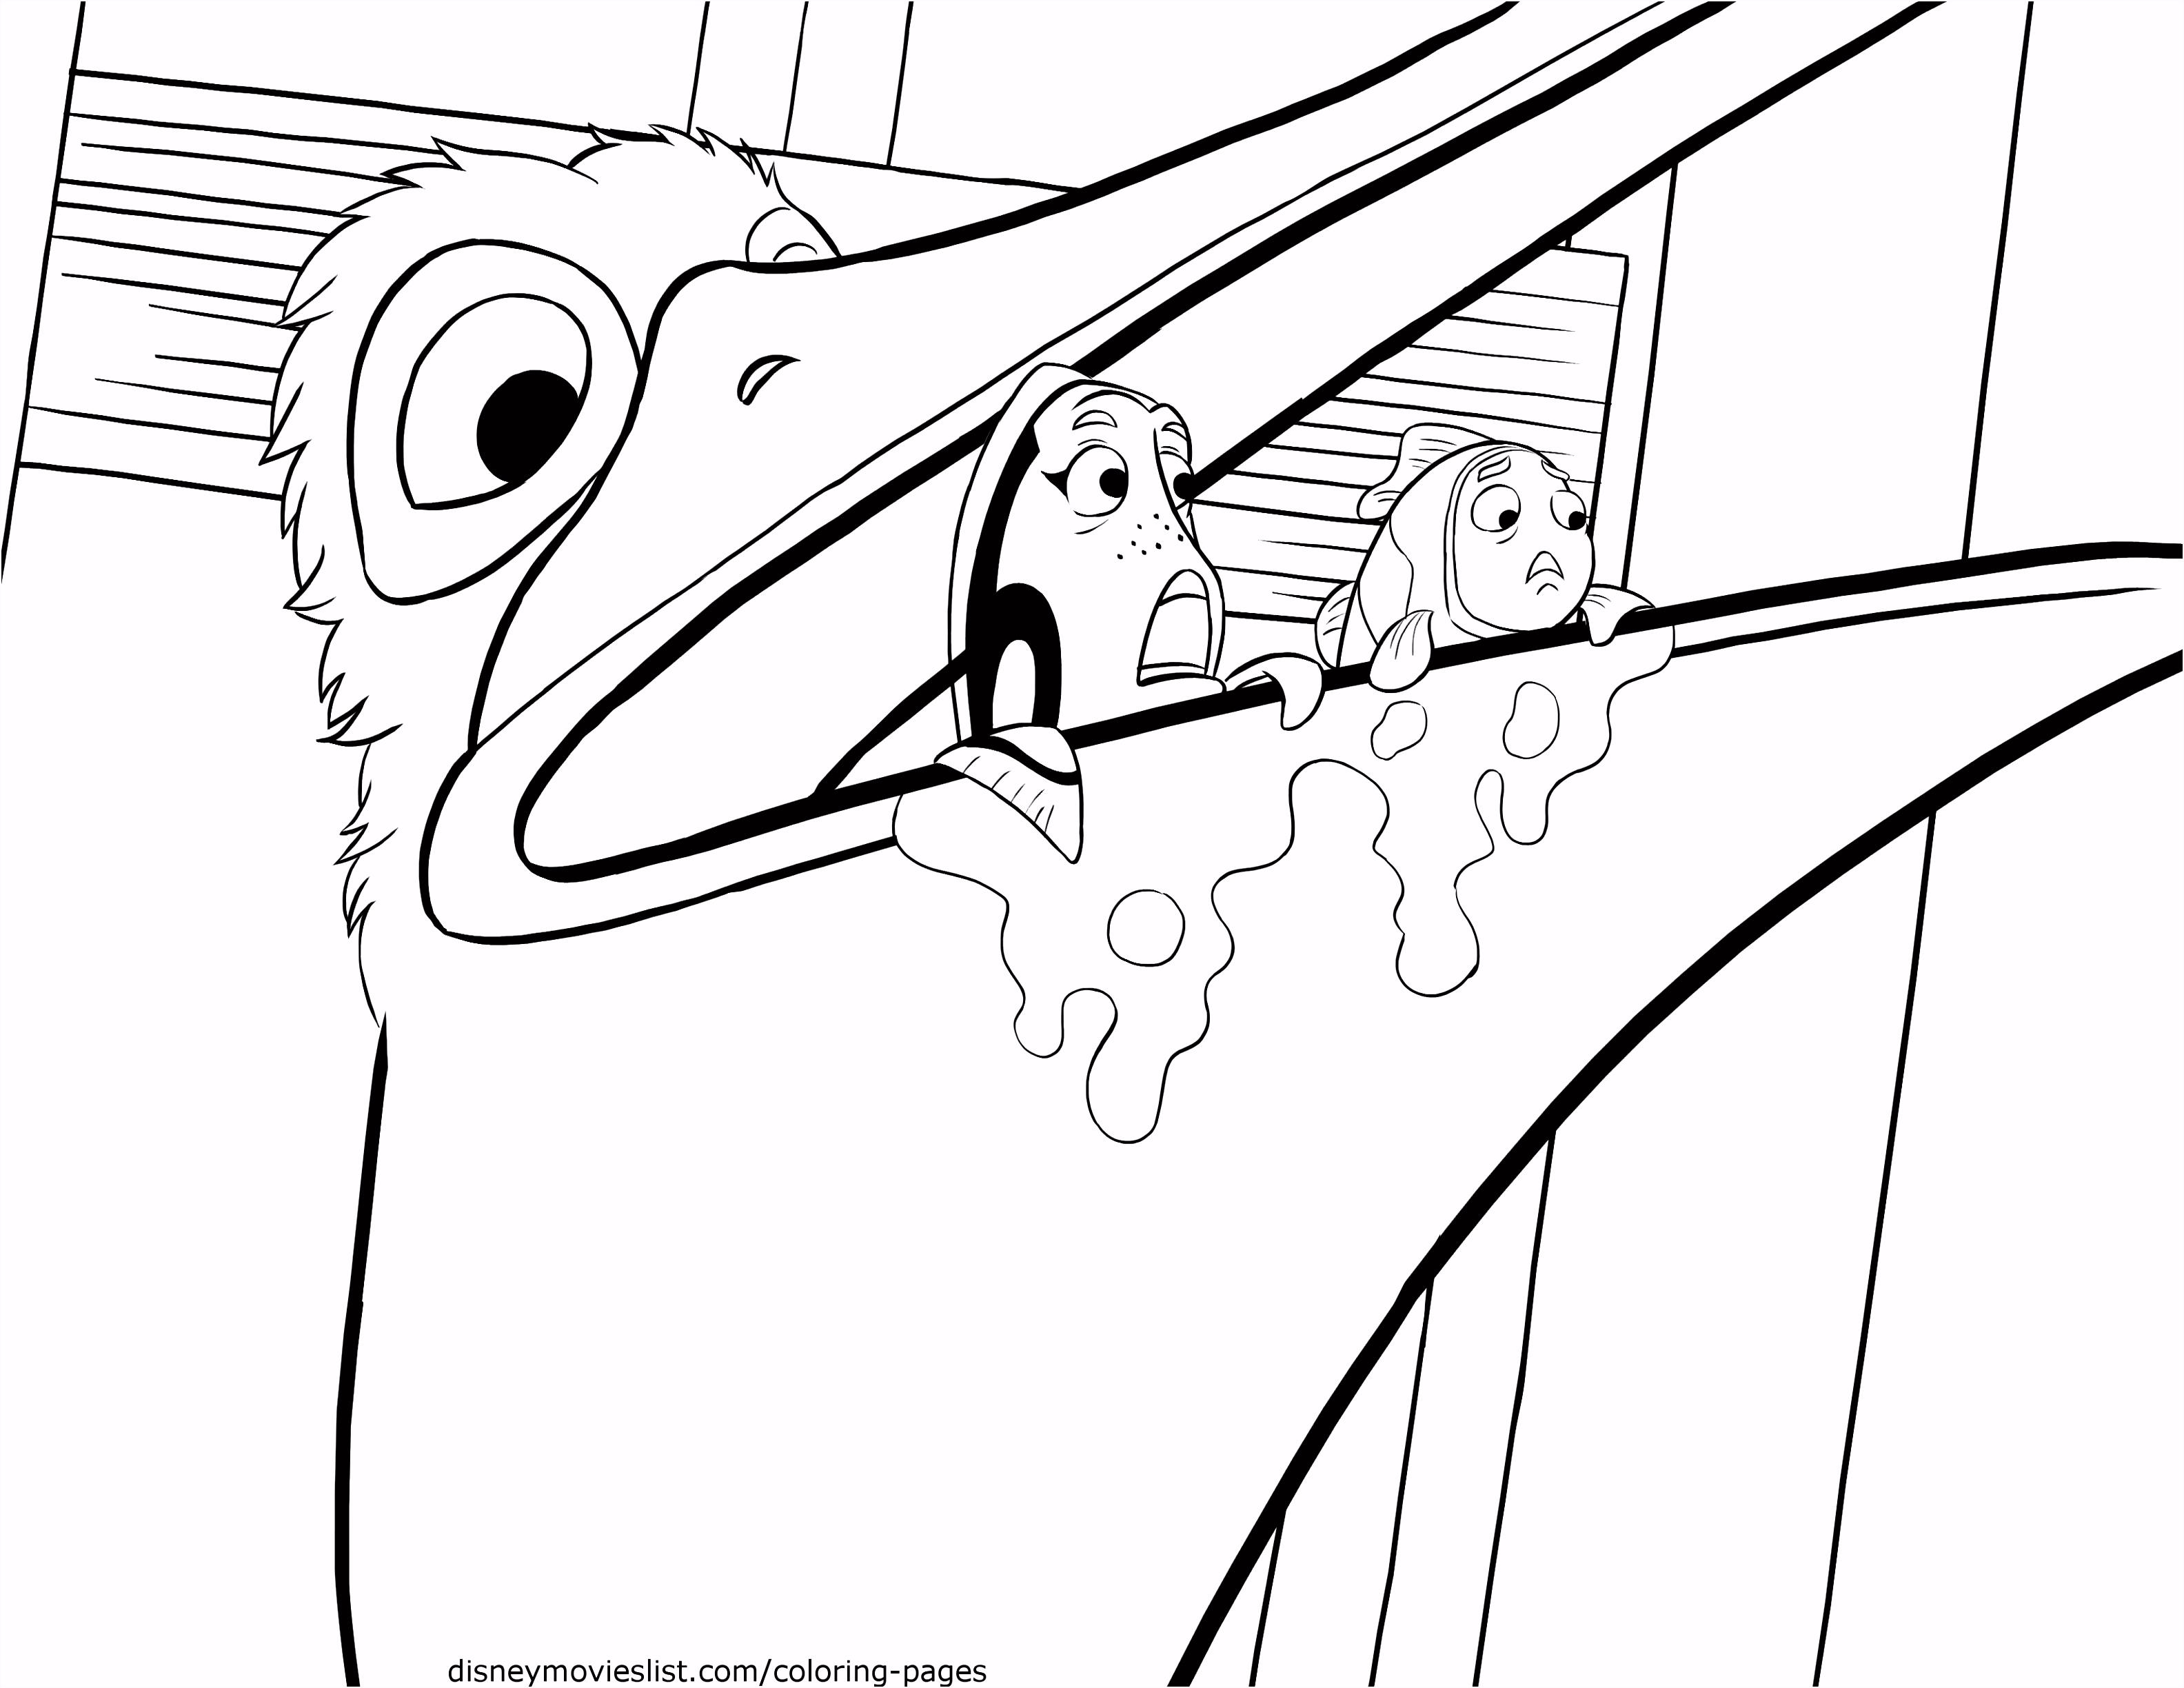 60 Amusing Finding Nemo Coloring Pages Dannerchonoles